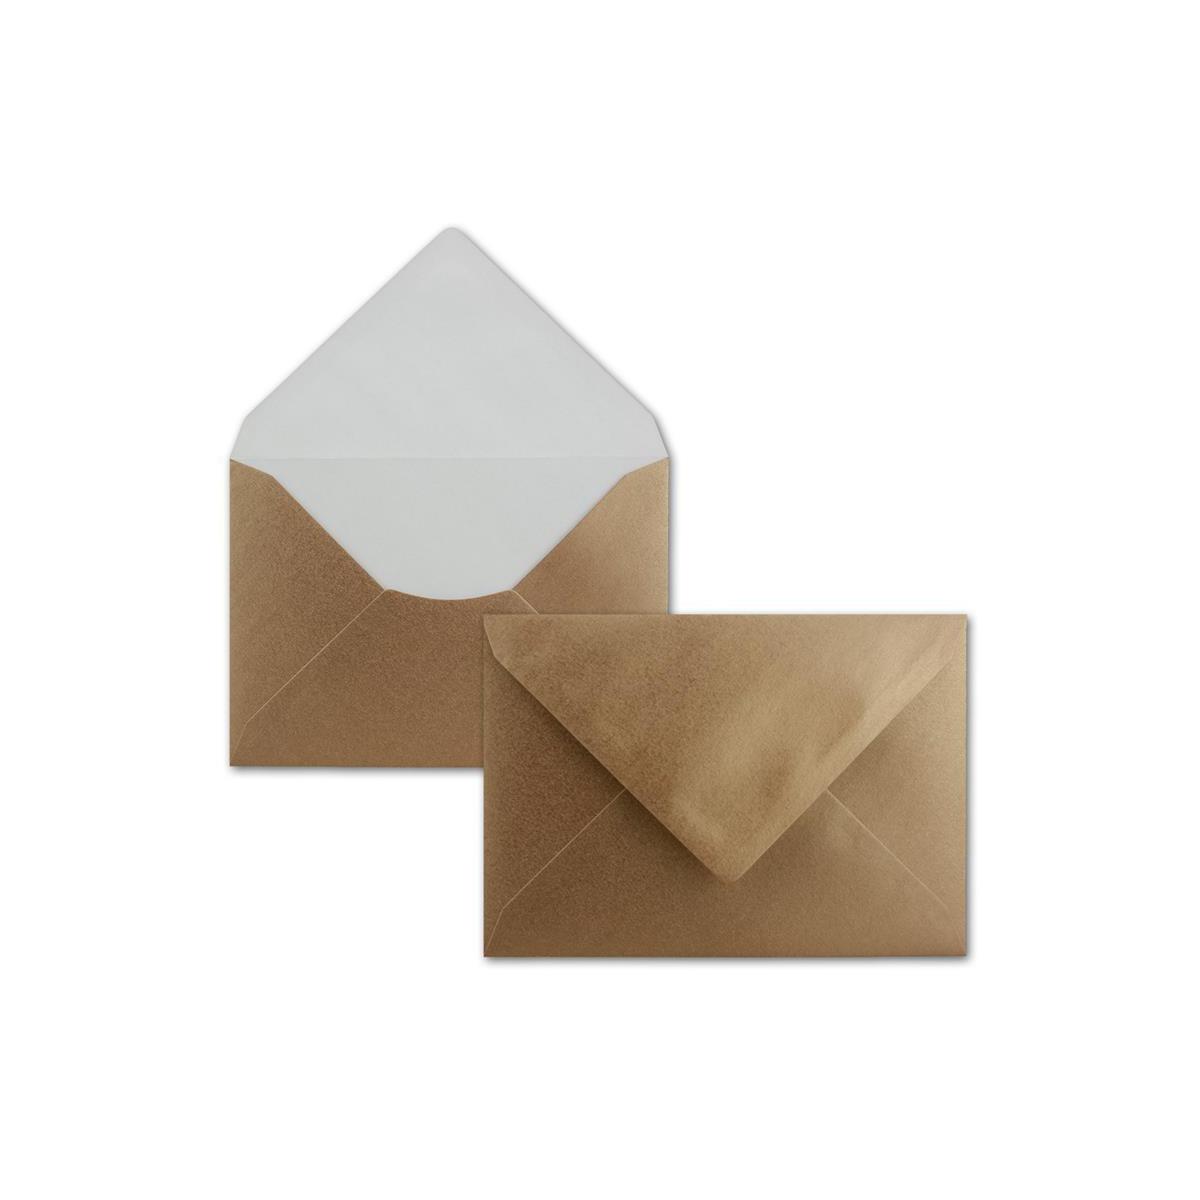 25 Stück//Paket Briefumschläge mit Seidenfutter weiß DIN C6